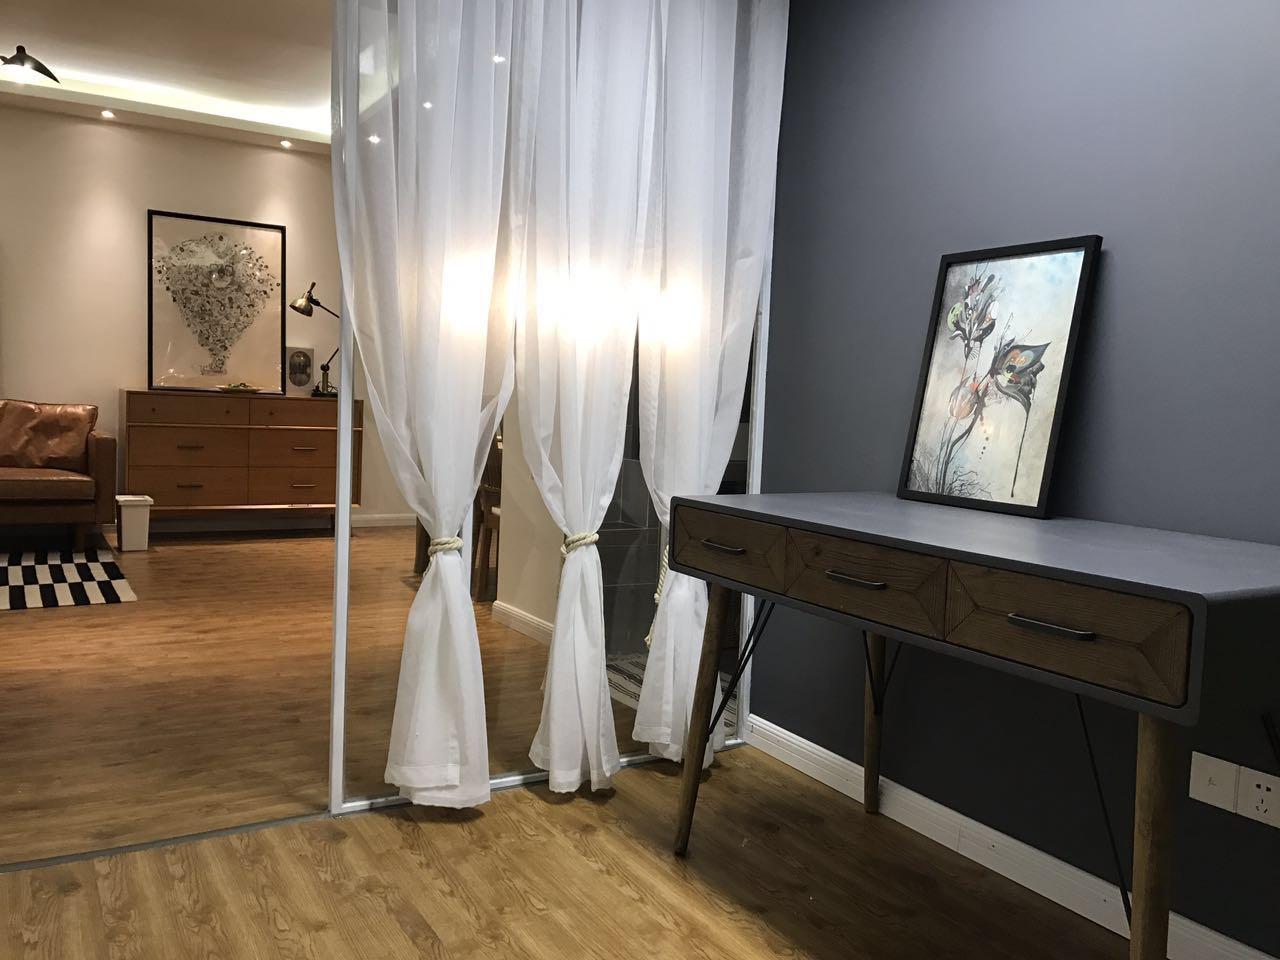 93m²三室二厅:我想换种北欧风格的装修 案例 第5张